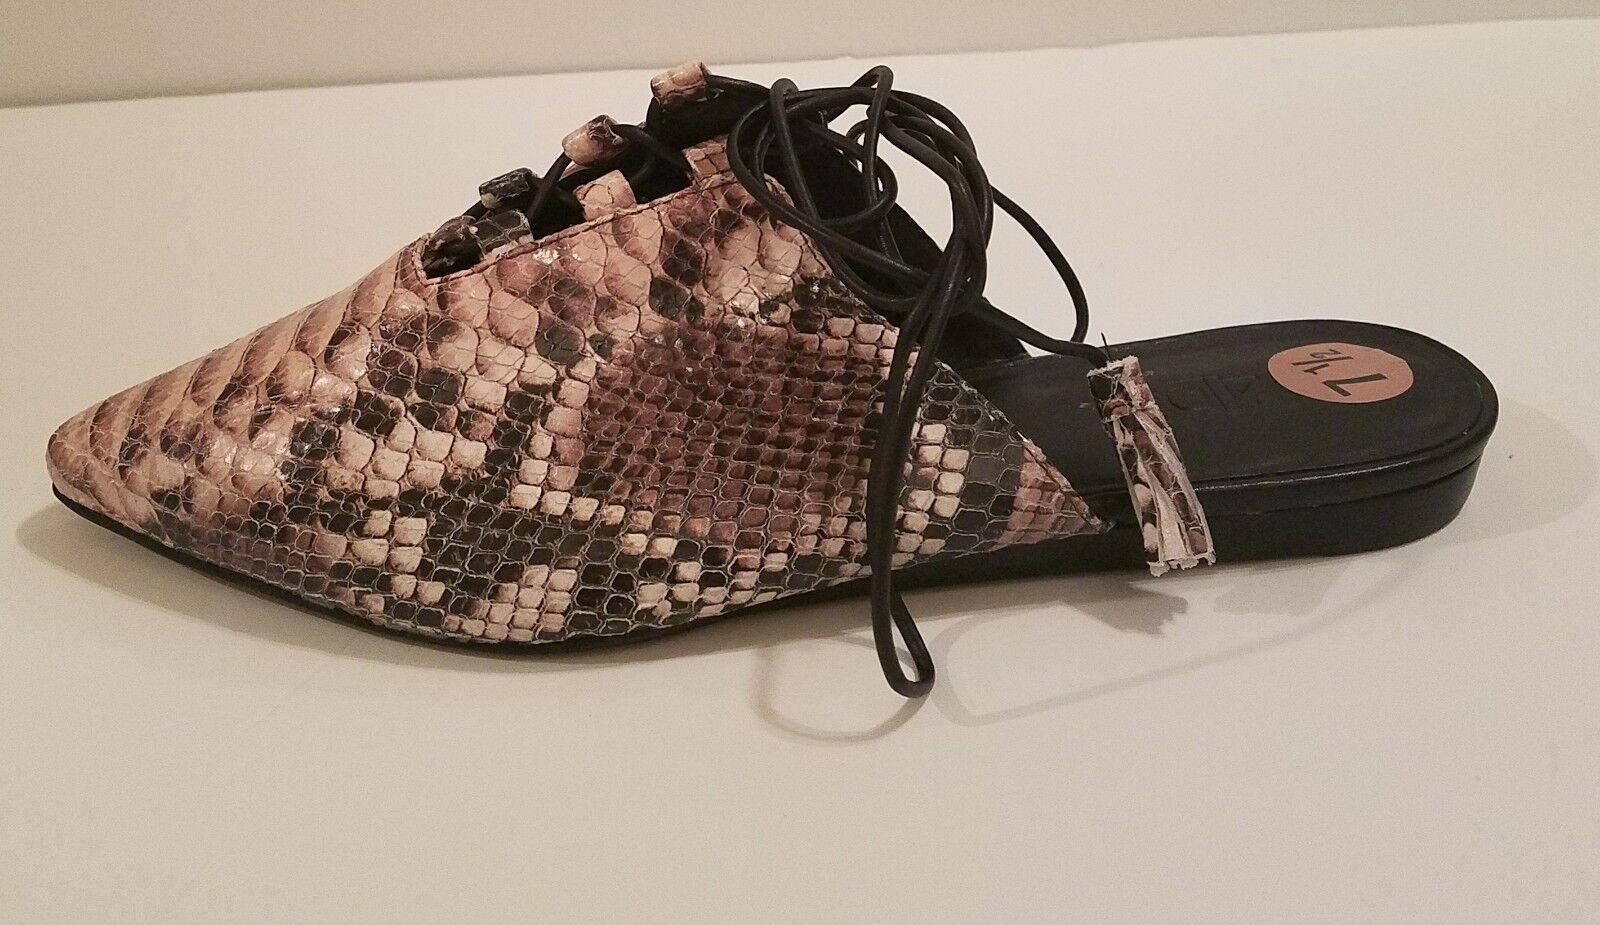 M4D3 della della della Polvoriento rosado piel de serpiente en relieve en cuero en envoltura de Tobillo Plana Mula Talla 7.5  100% autentico